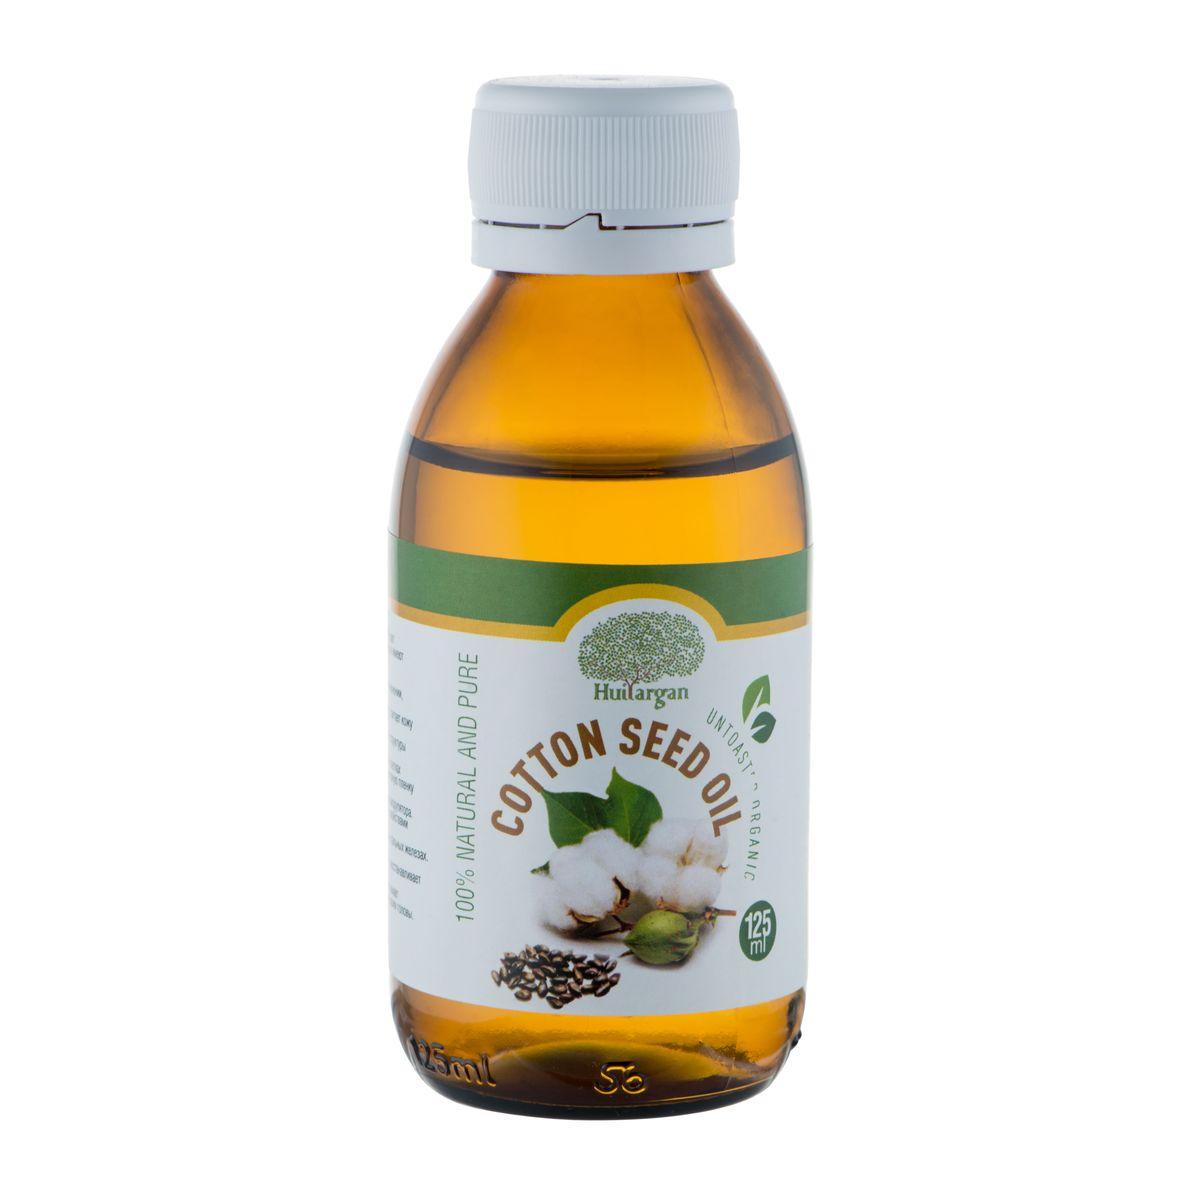 Huilargan Масло хлопковых семян, 100% натуральное, 125 млFS-00897Масло хлопковых семян (Cotton seed oil) будет идеальным выбором для тех людей, которые имеют аллергию на орехи и ореховые масла.Свойства: - источник мягкости, очень приятно в применении, делает кожу бархатистой и атласной; - обладая лёгкой, шелковистой структурой, питает кожу изнутри, не оставляя жирного ощущения; - Восстанавливает нарушенные клеточные структуры кожного покрова головы.- Сохраняет необходимый уровень воды в клетках подкожной зоны и восстанавливает гидролизную пленку эпидермиса.- Выполняет функцию природного иммуномодулятора.- Обладает активными регенерирующими свойствами внутри волосяной луковицы.- Нормализует клеточный обмен веществ в сальных железах.- Влияет на синтез коллагена.- Тонизирует, смягчает волосяной покров, восстанавливает кератиновые чешуйки волос.- За счет антибактериальной активности снимает воспаление и раздражения чувствительной кожи головы.Применение: - сухая кожа; - чувствительная и раздражённая; - зрелая, уставшая, не в тонусе кожа; - забота и предупреждение трещин на коже.